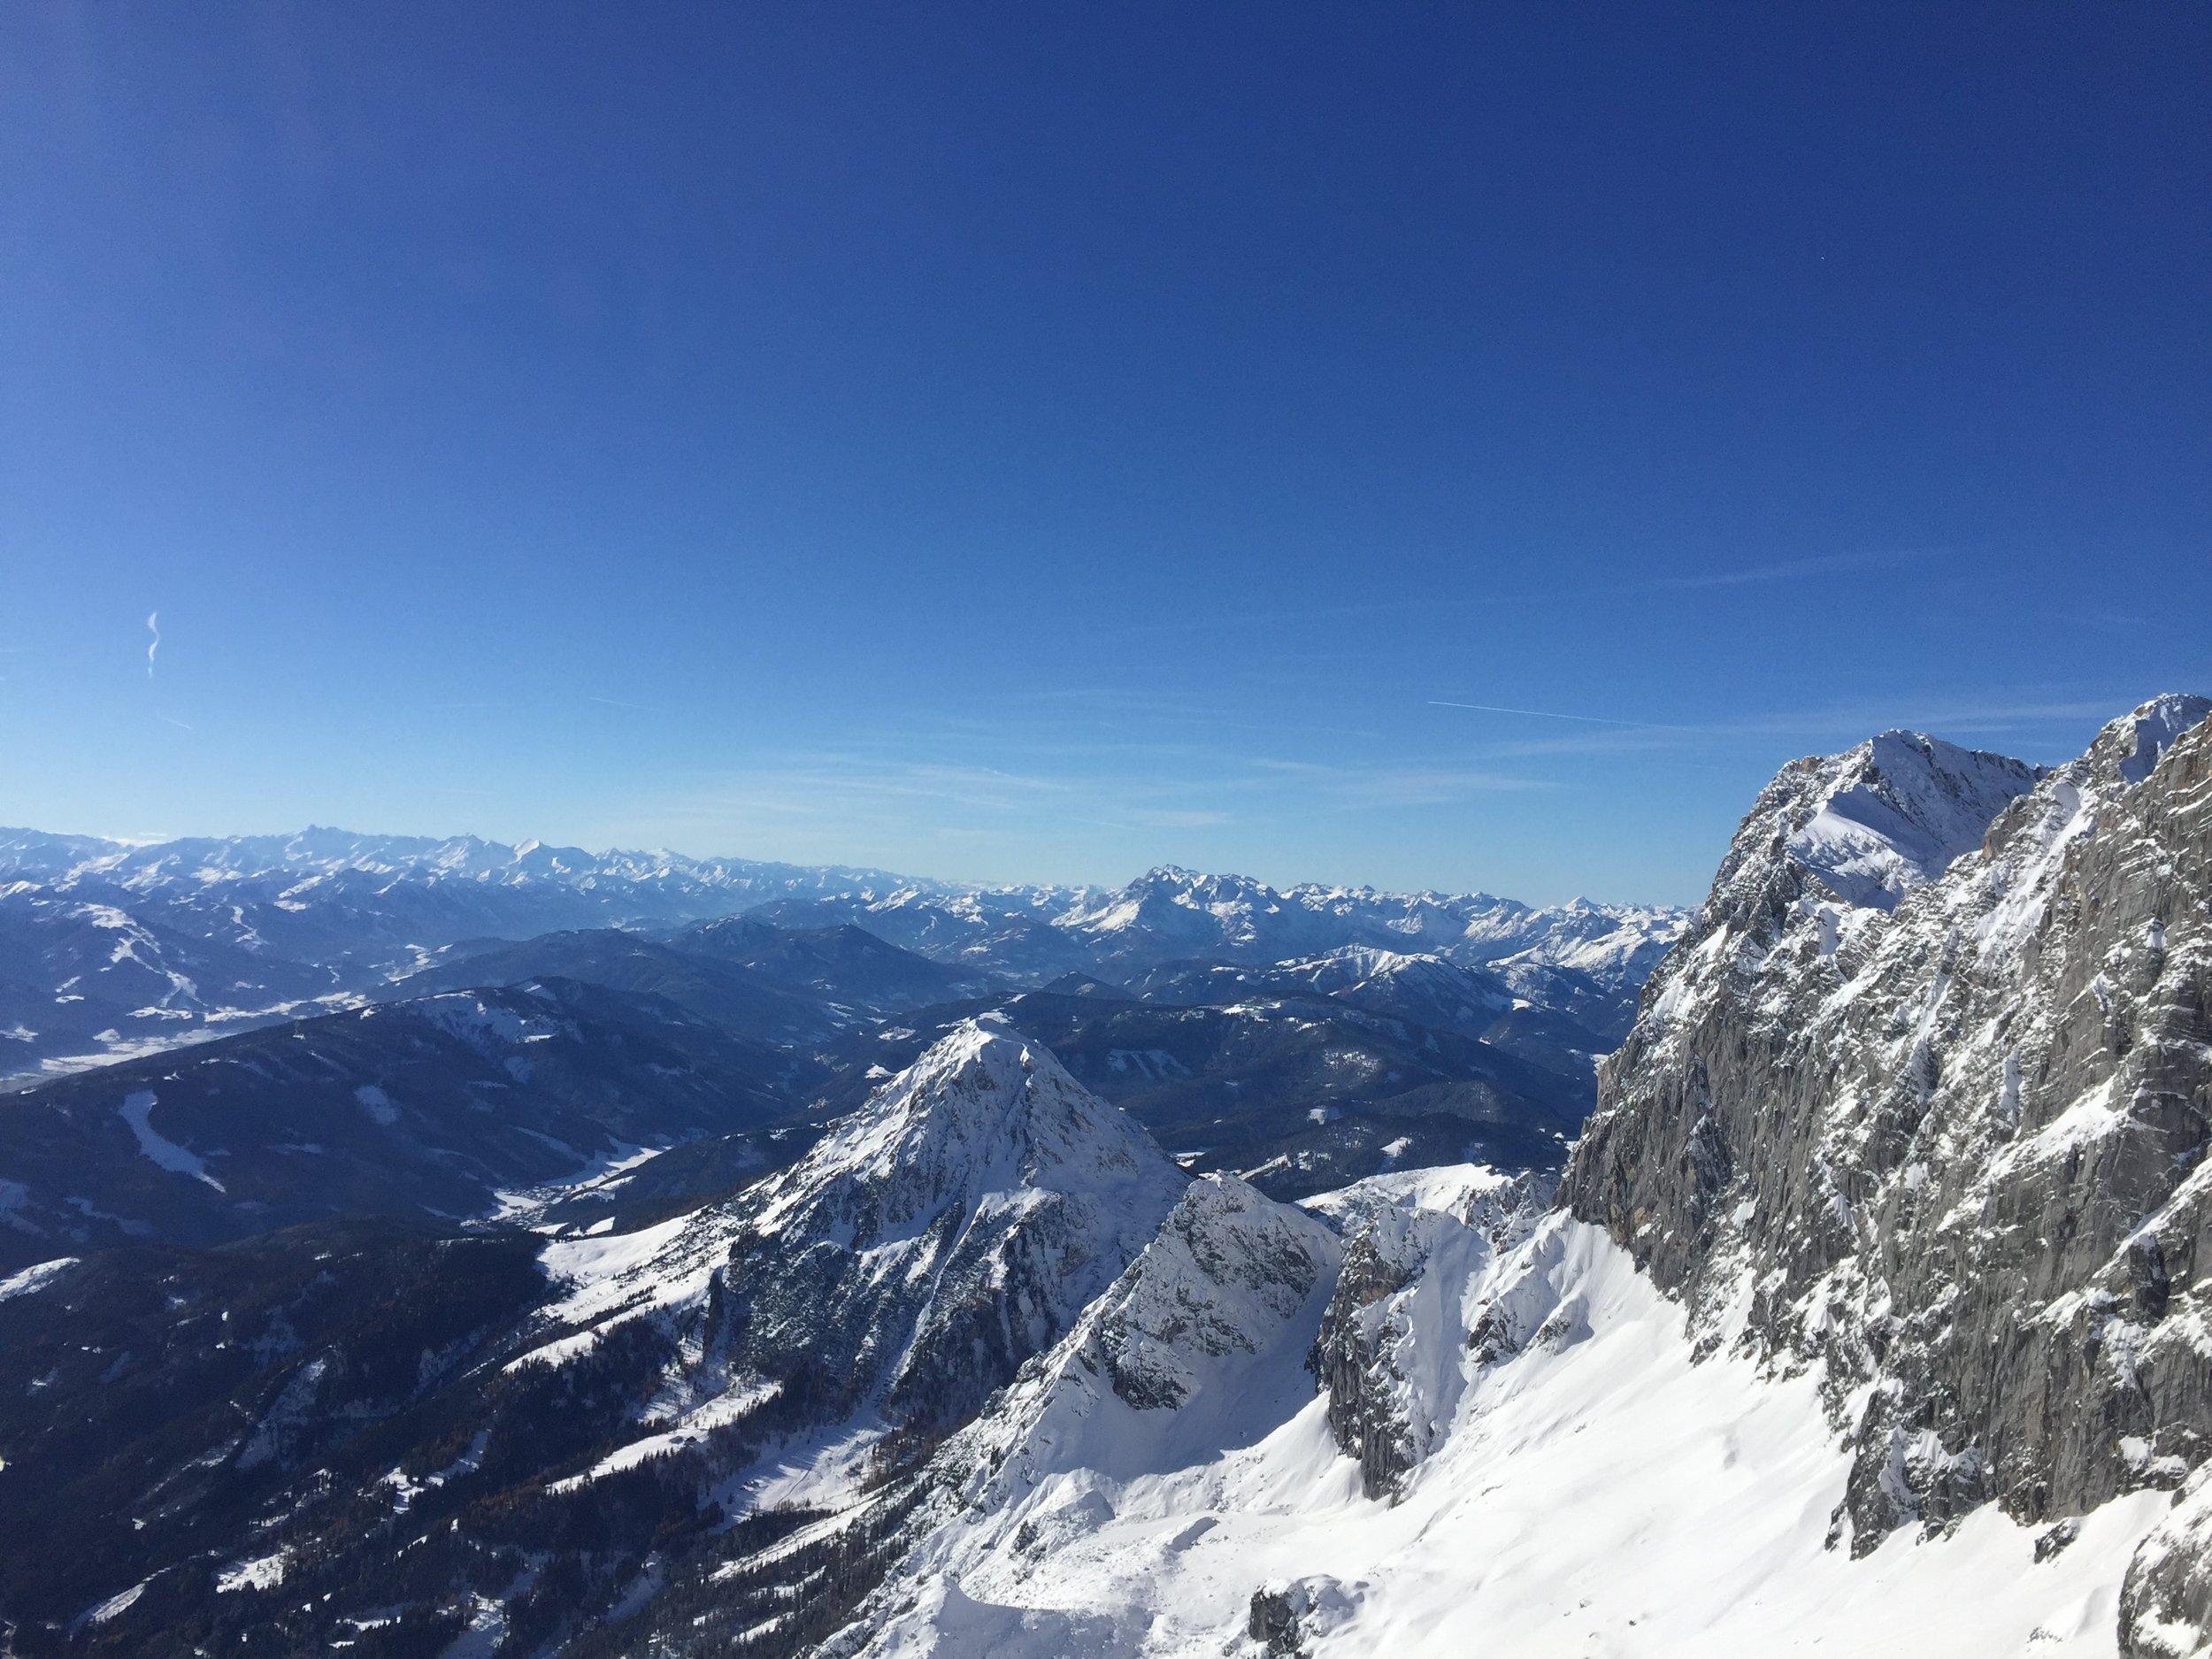 Dachstein, Austria, November 2017